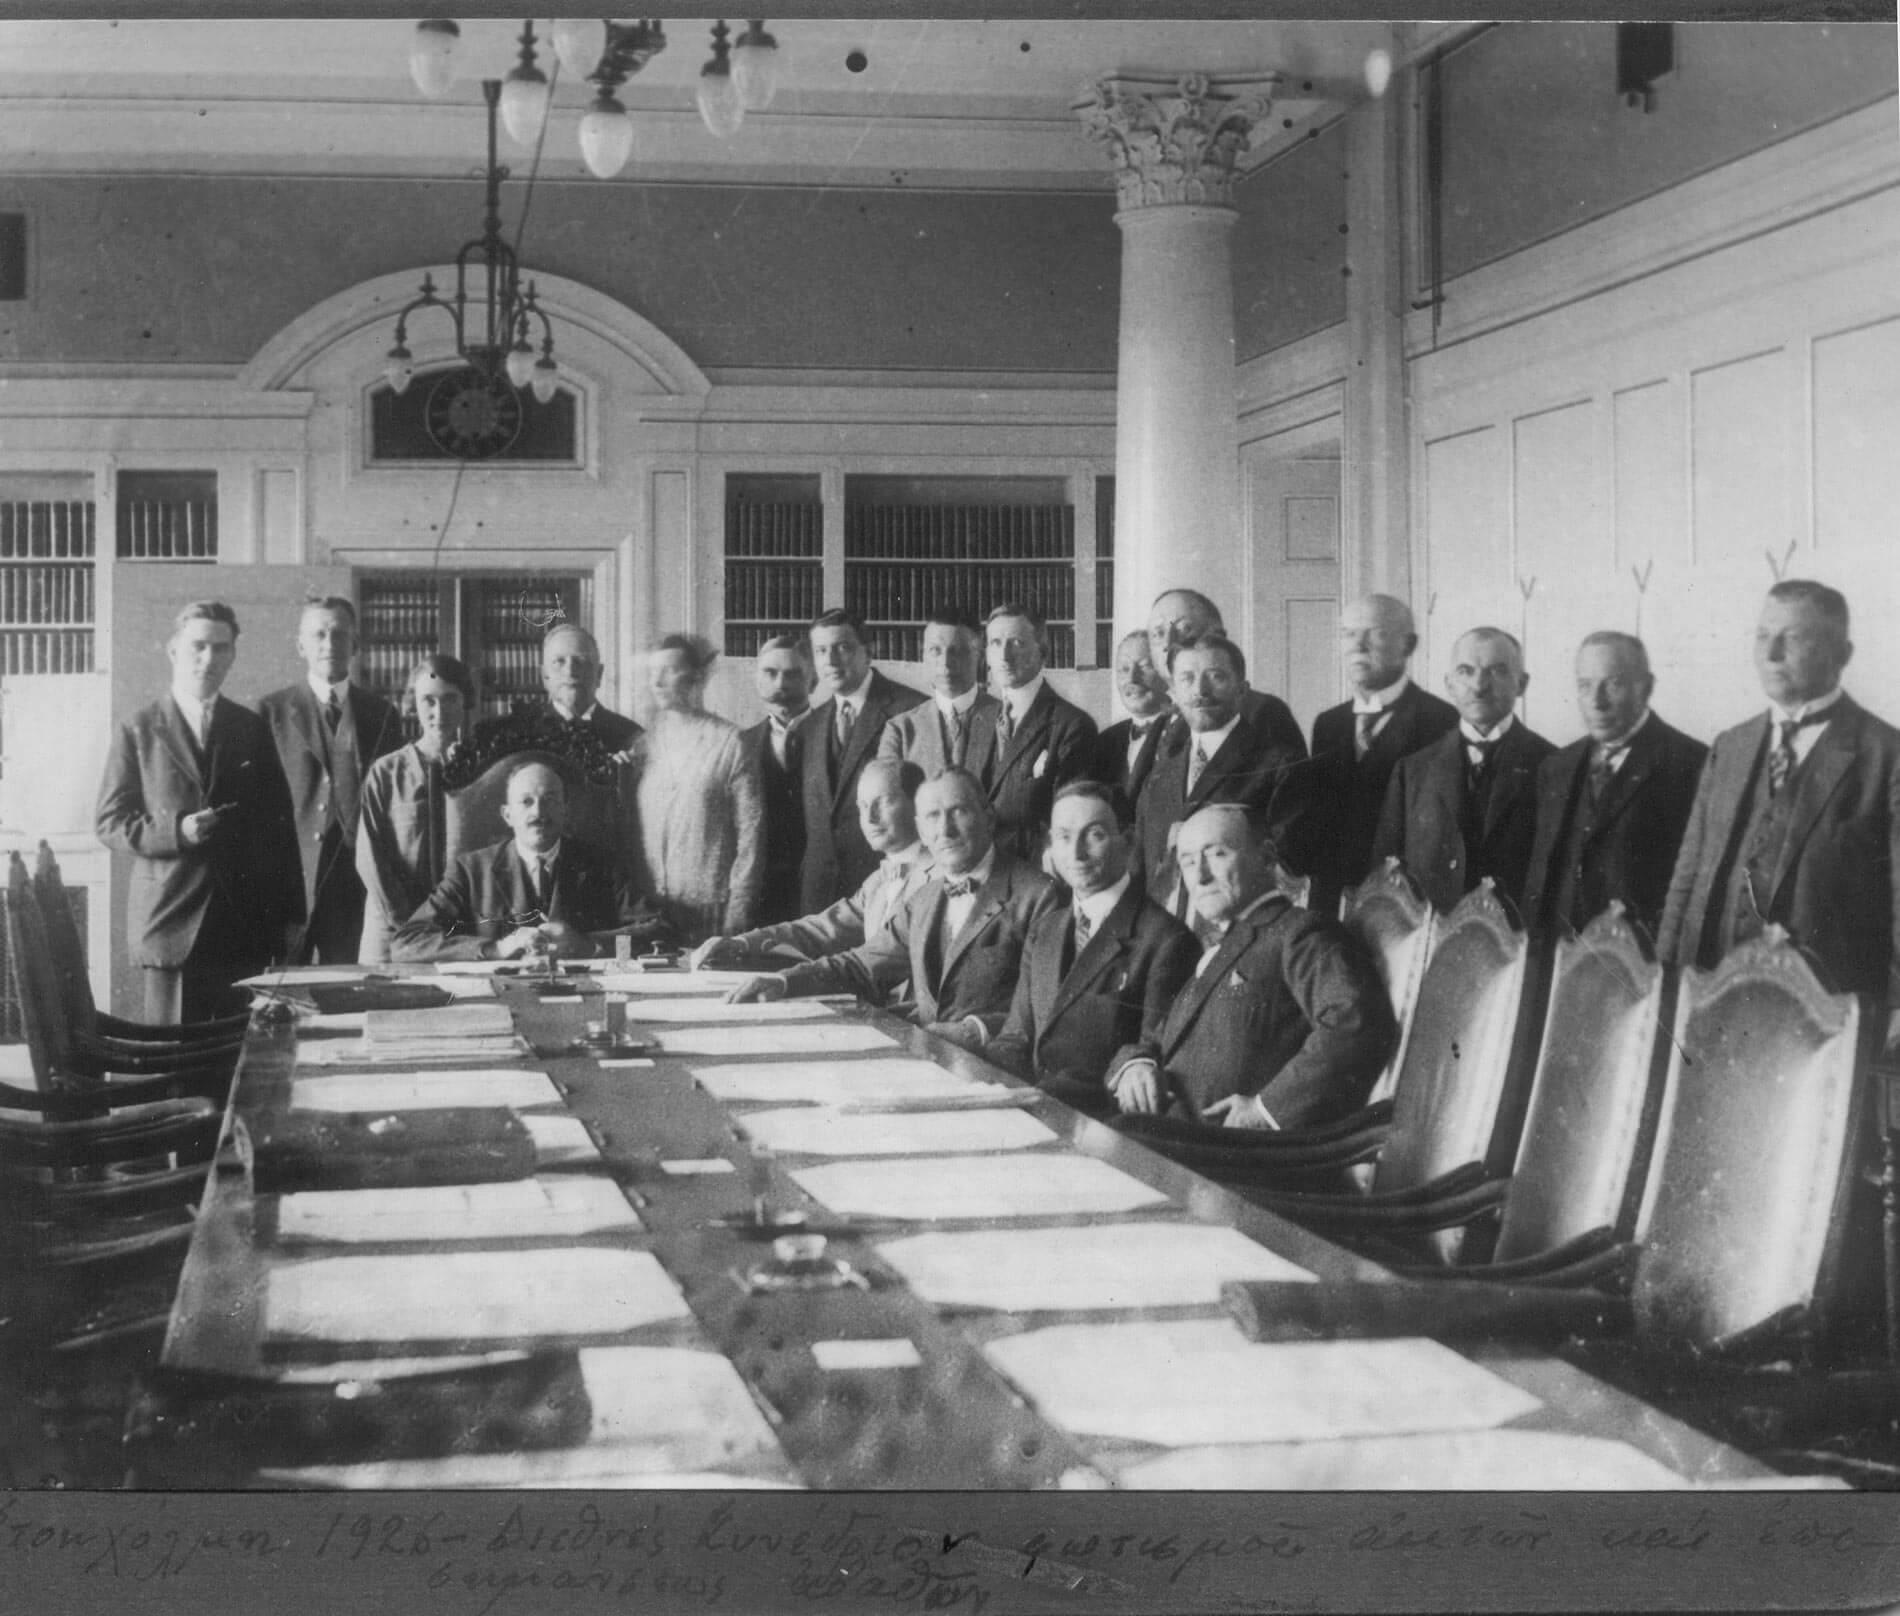 1926 Στοκχόλμη Διεθνές Συνέδριο